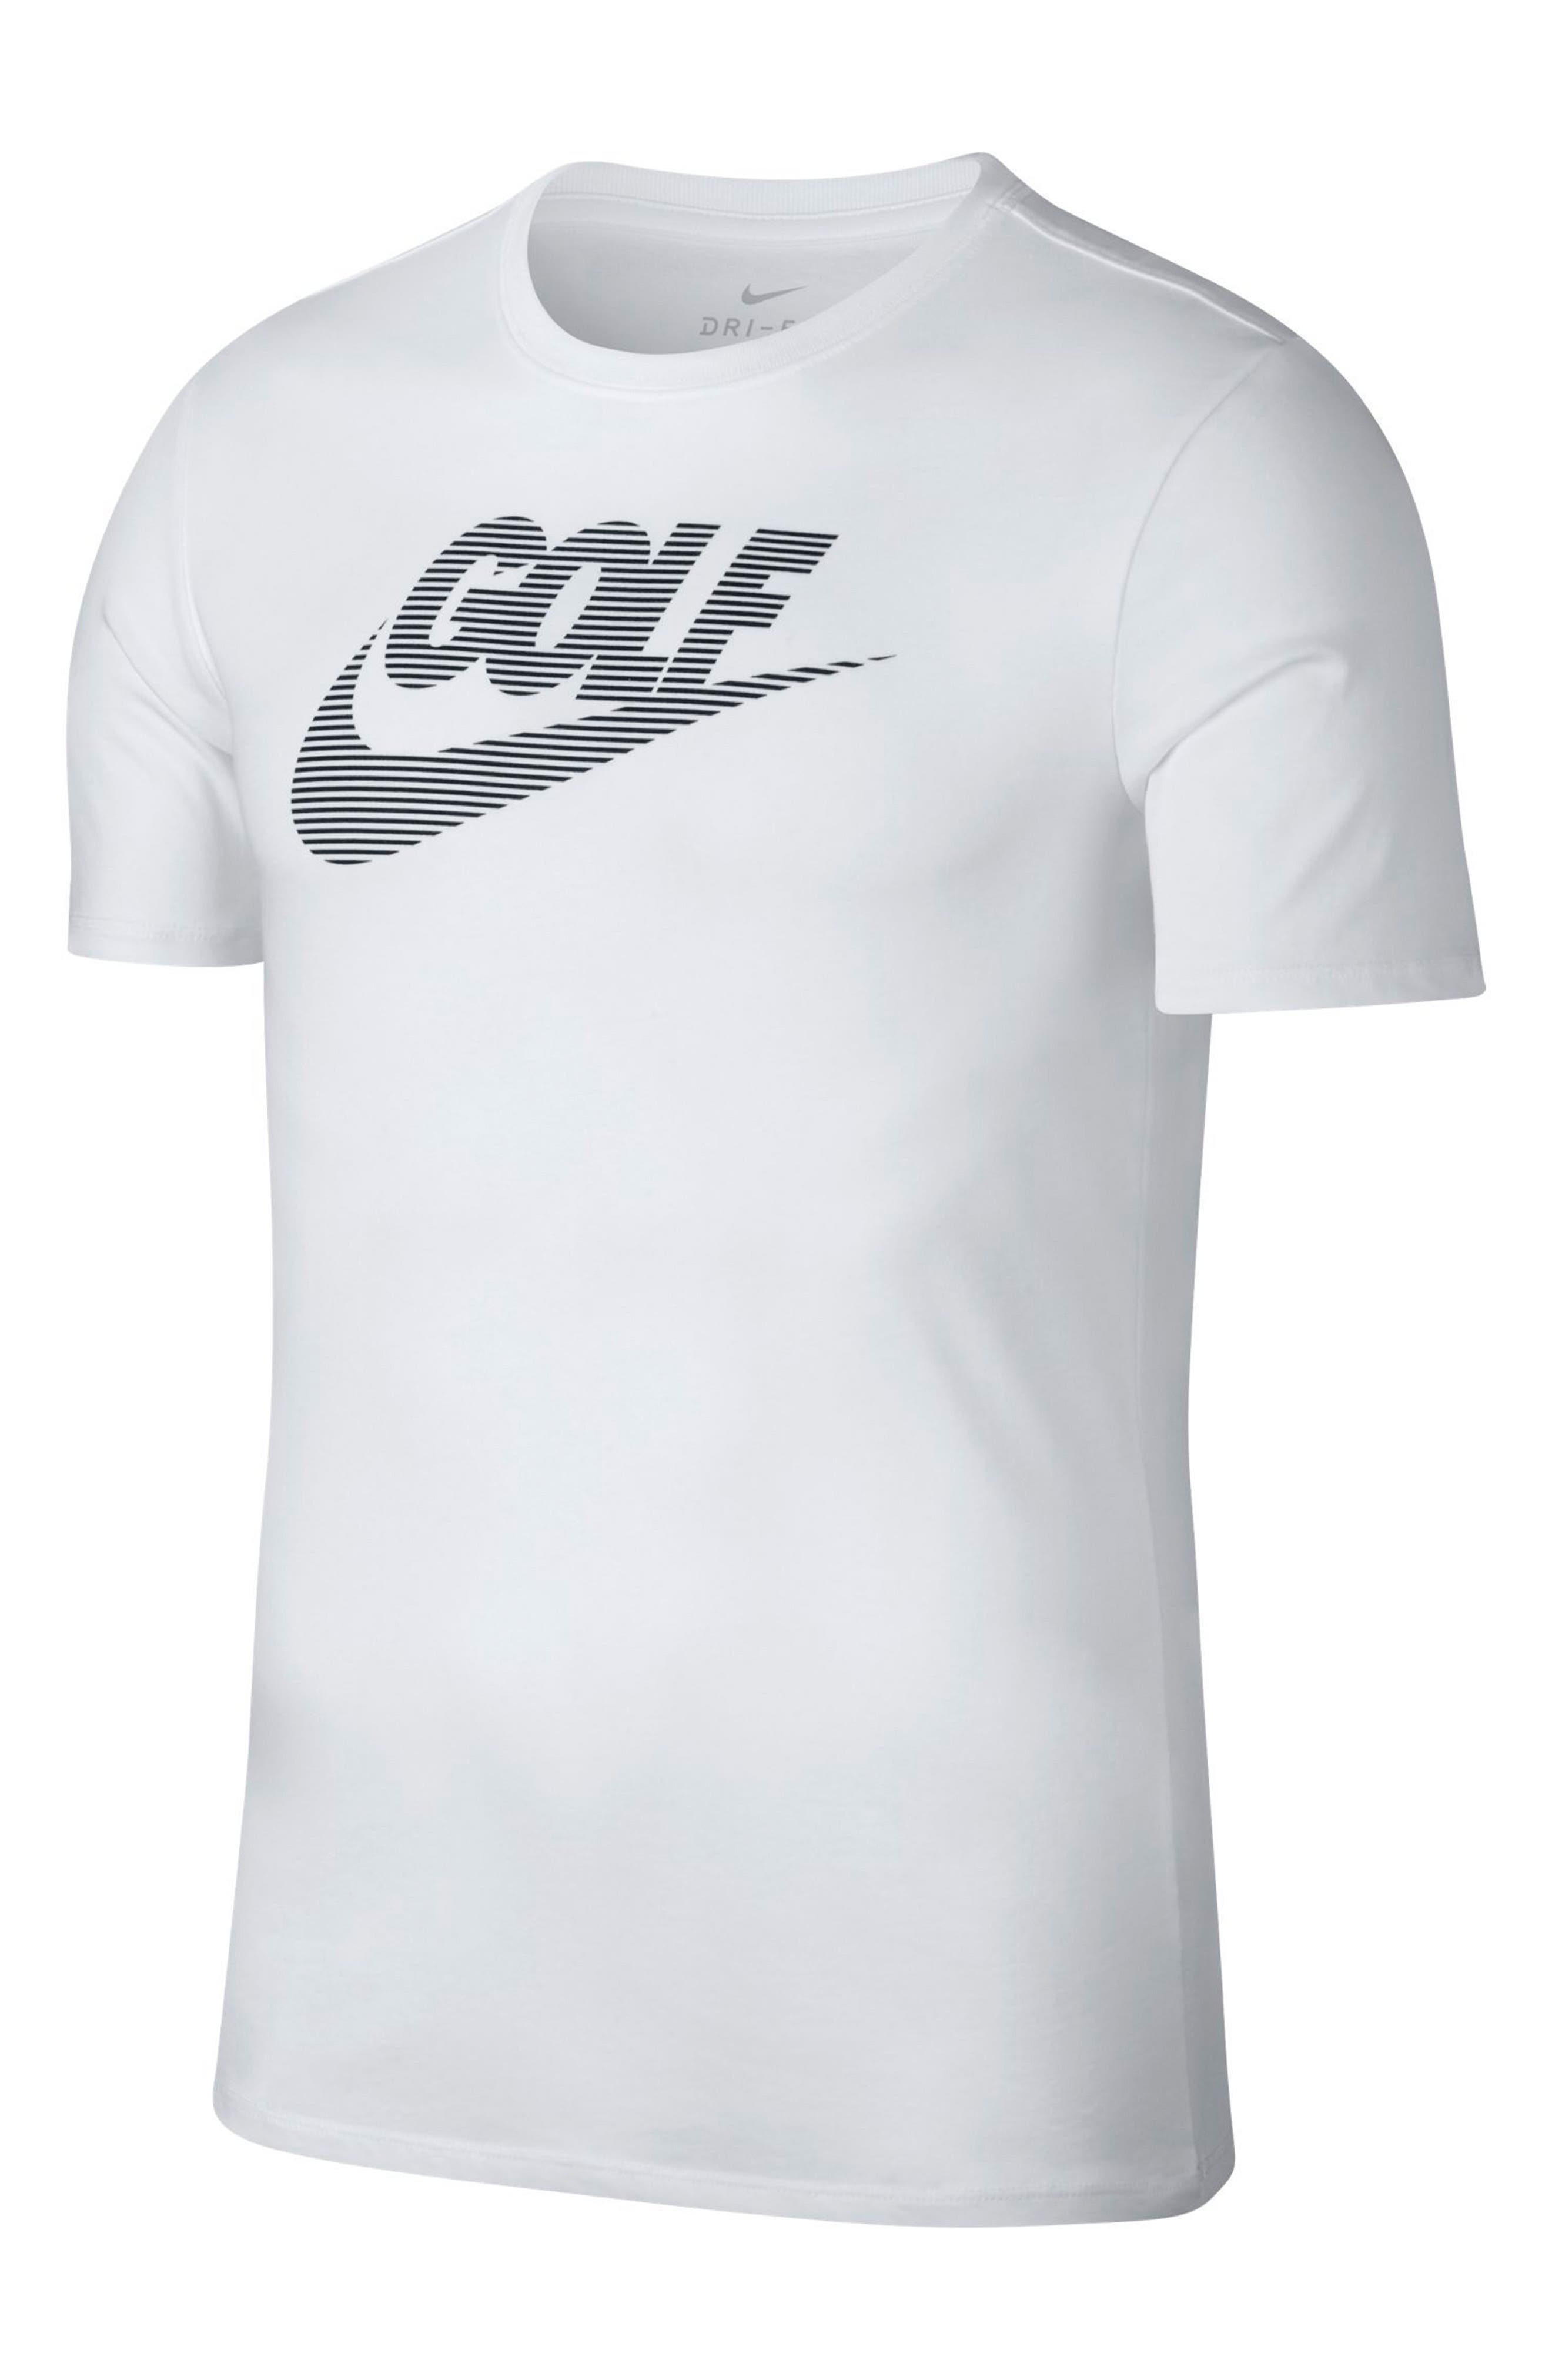 Dry Lockup T-Shirt,                             Alternate thumbnail 6, color,                             White/ Black